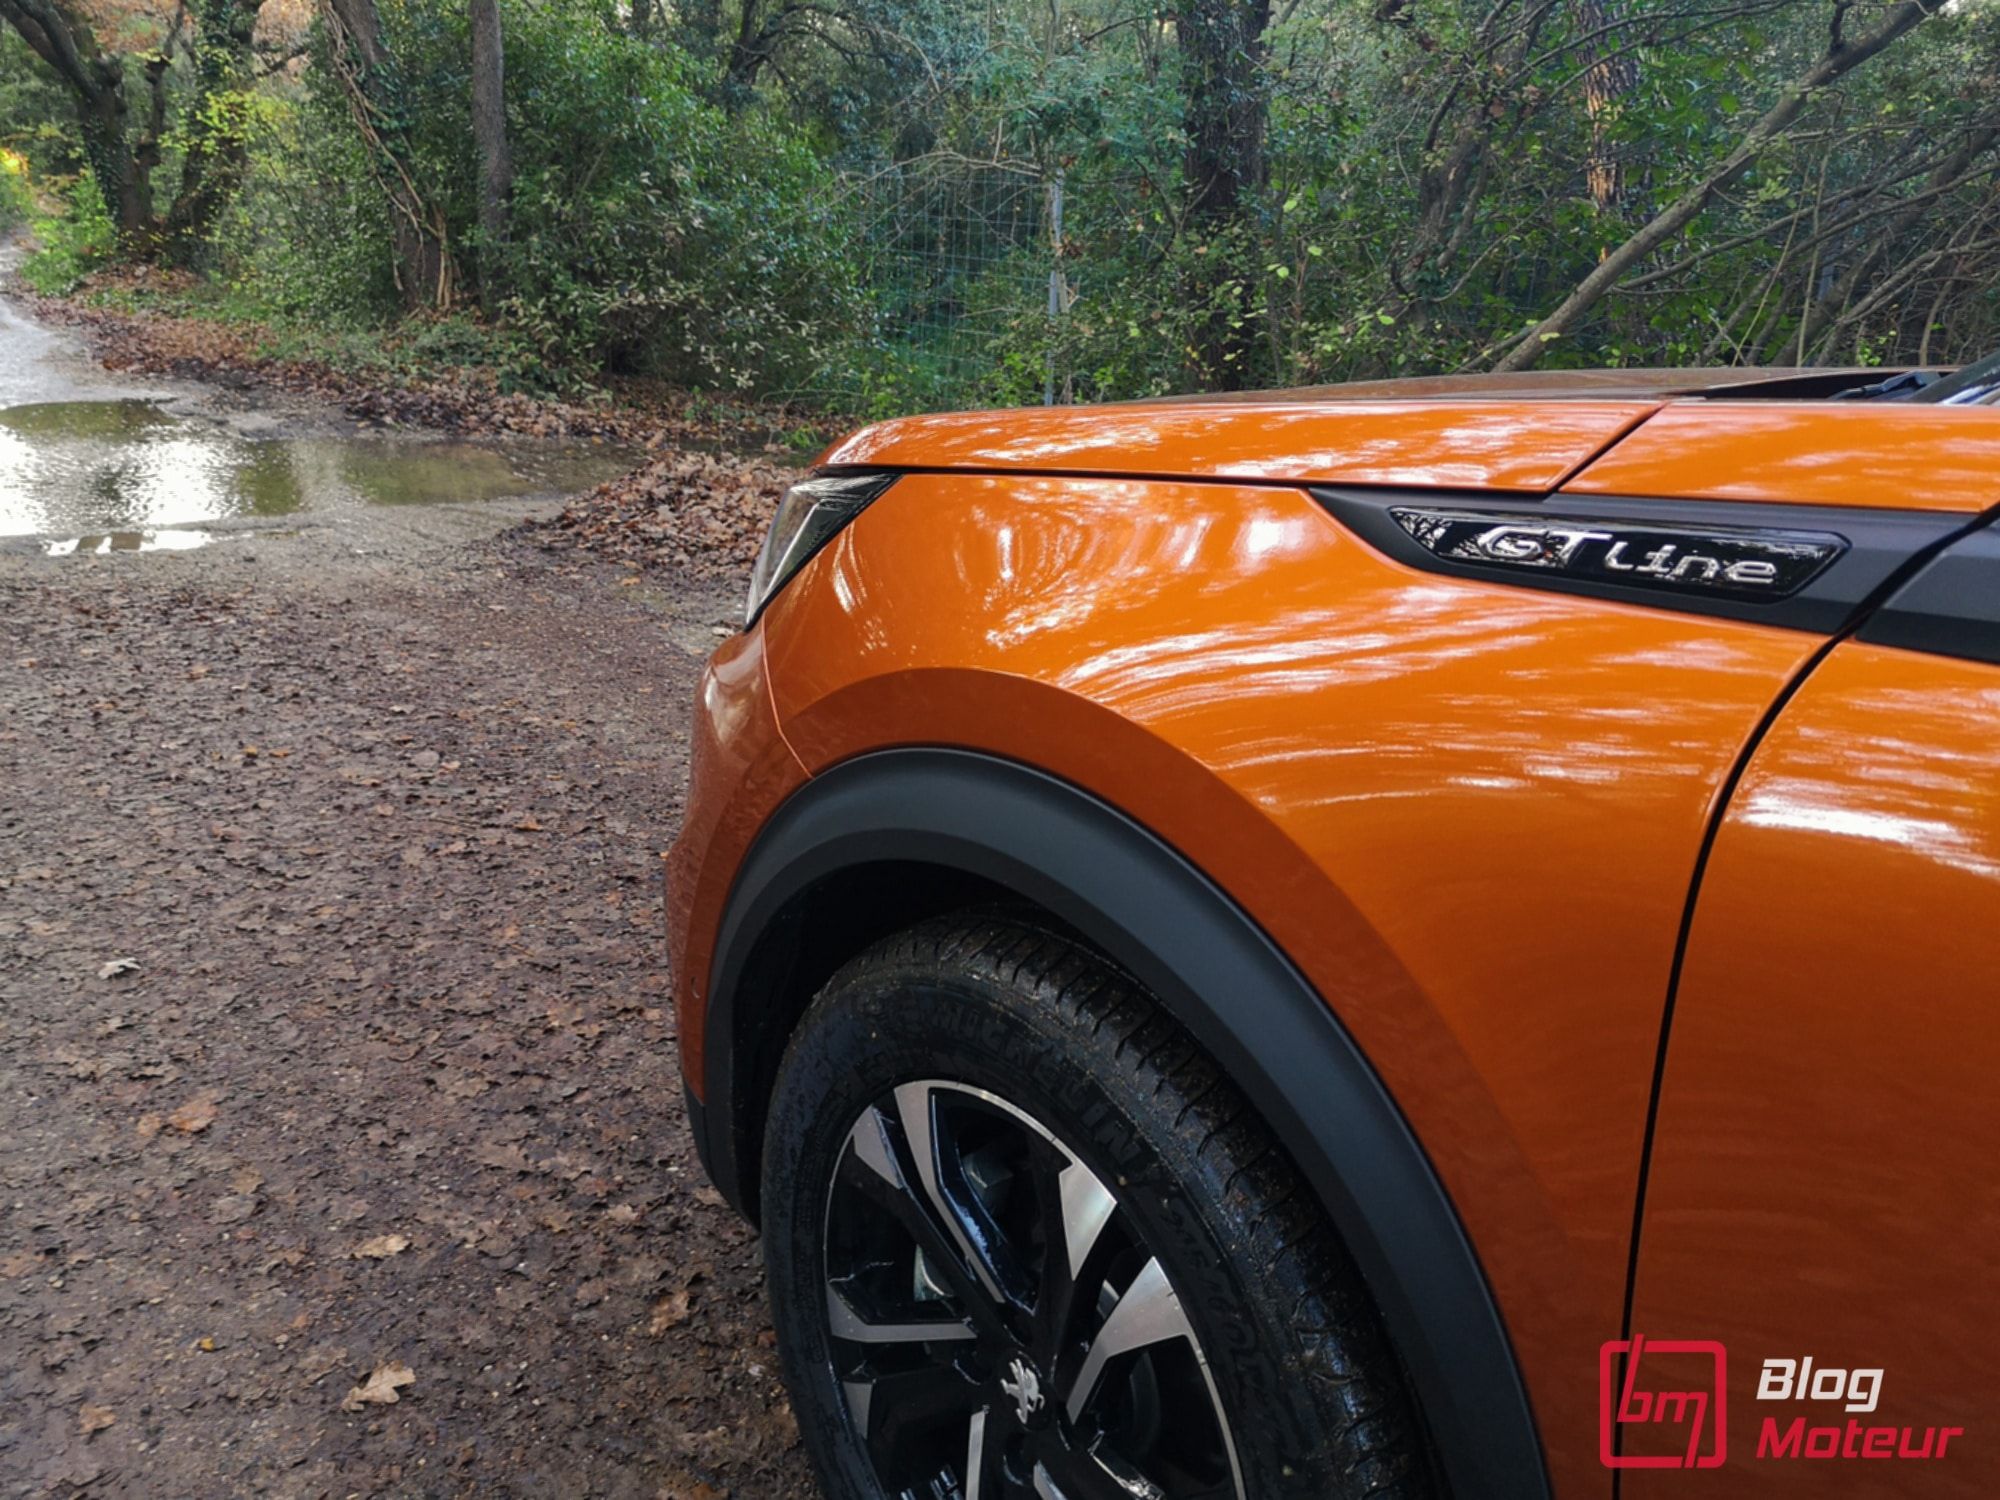 2008 et e-2008 first test drive - finition GT Line Fusion Orange